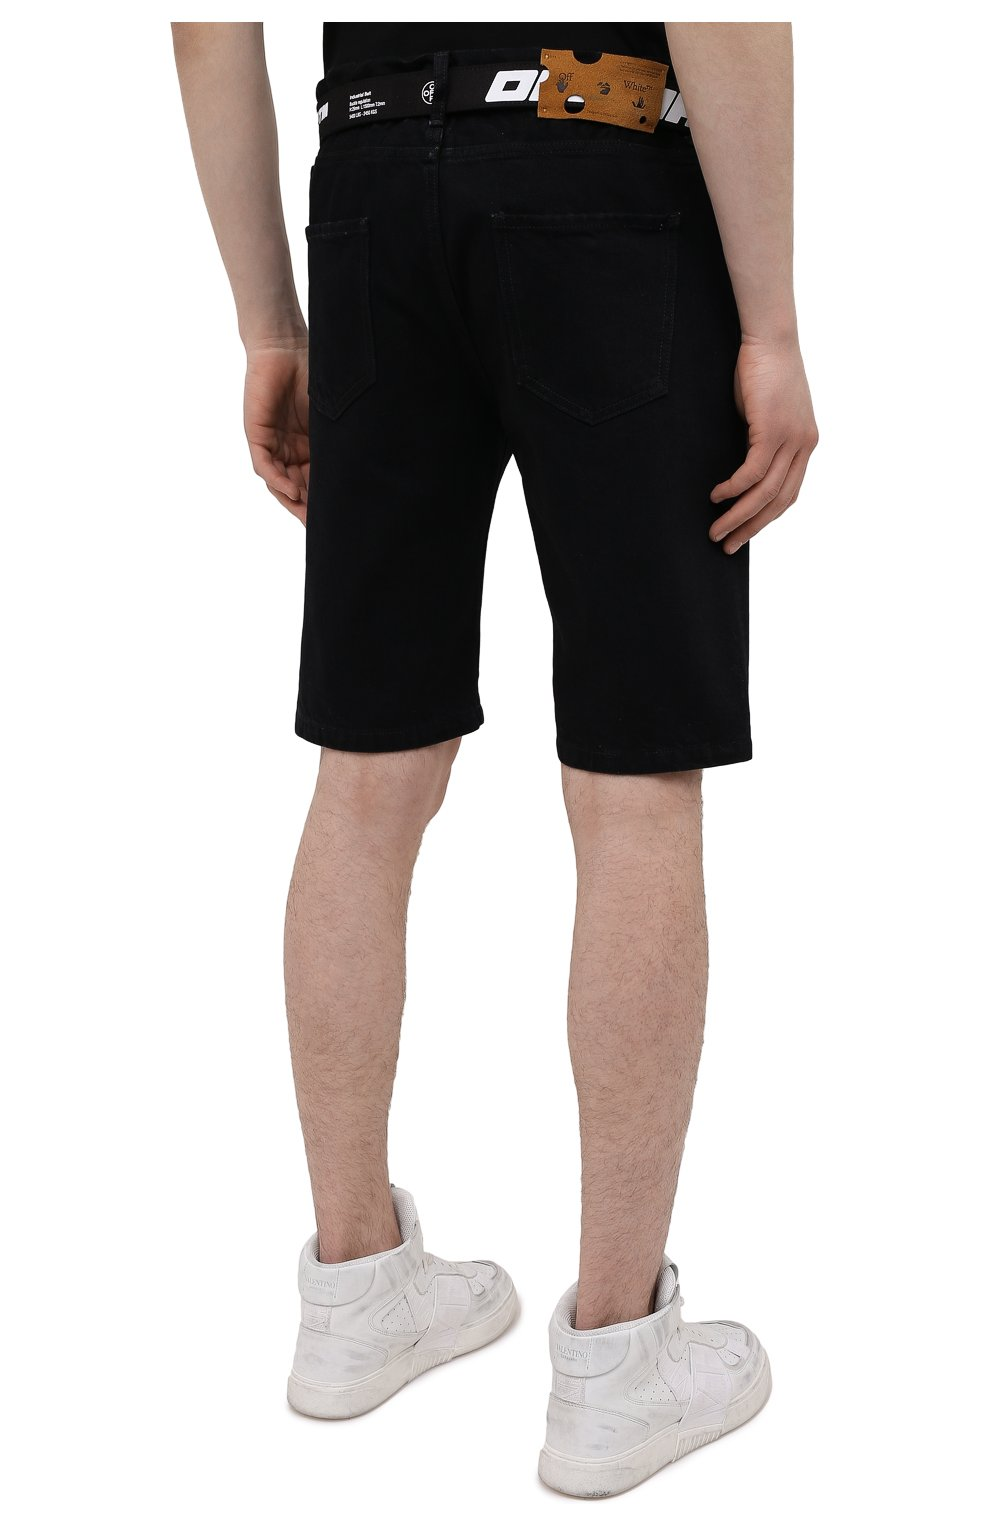 Мужские джинсовые шорты OFF-WHITE черного цвета, арт. 0MYC005S21DEN001   Фото 4 (Кросс-КТ: Деним; Длина Шорты М: Ниже колена; Стили: Гранж; Принт: С принтом; Материал внешний: Хлопок, Деним)